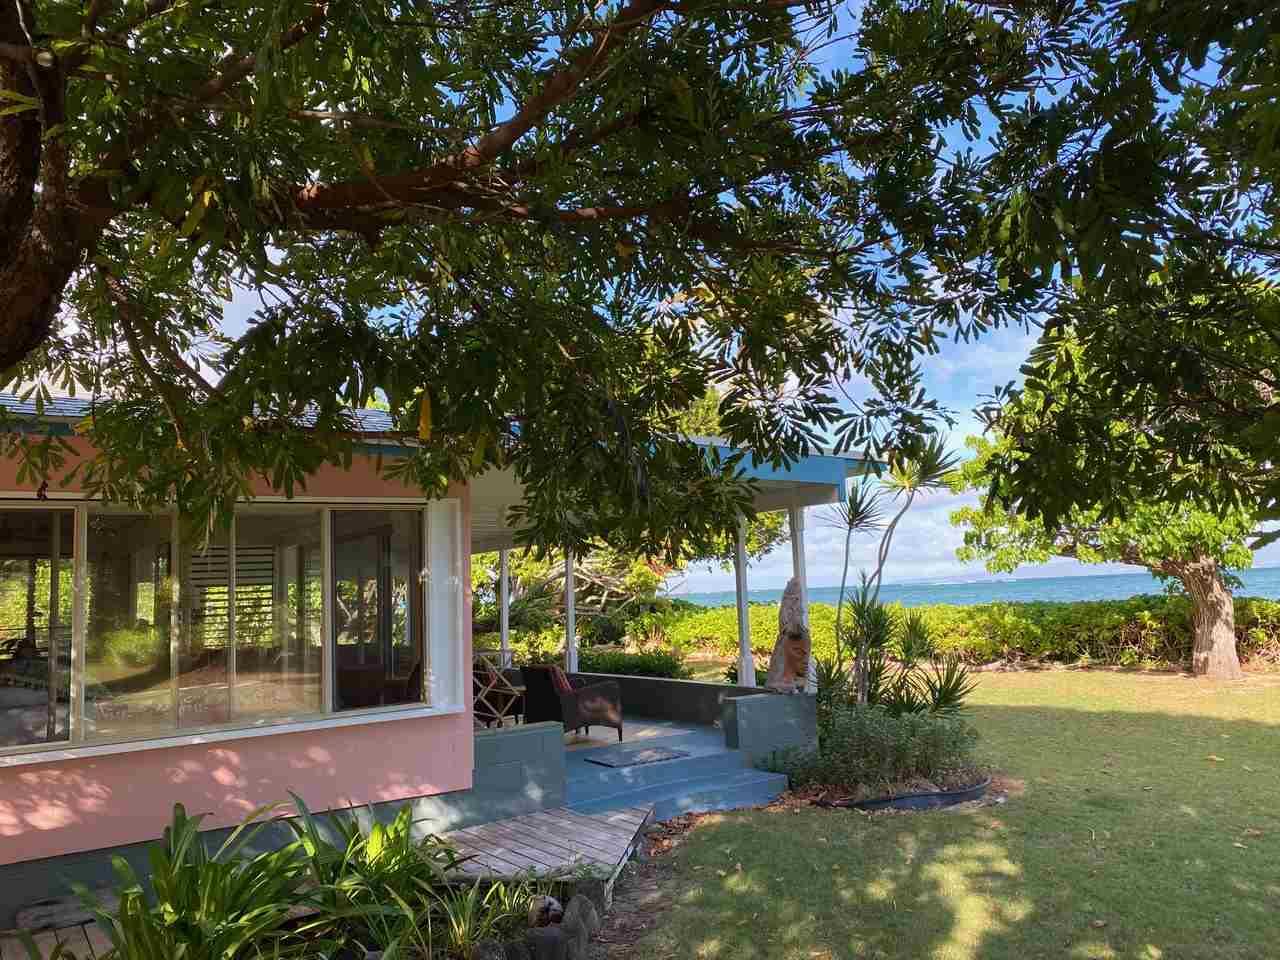 8714  Kamehameha V Hwy Puko'o, Molokai home - photo 16 of 20